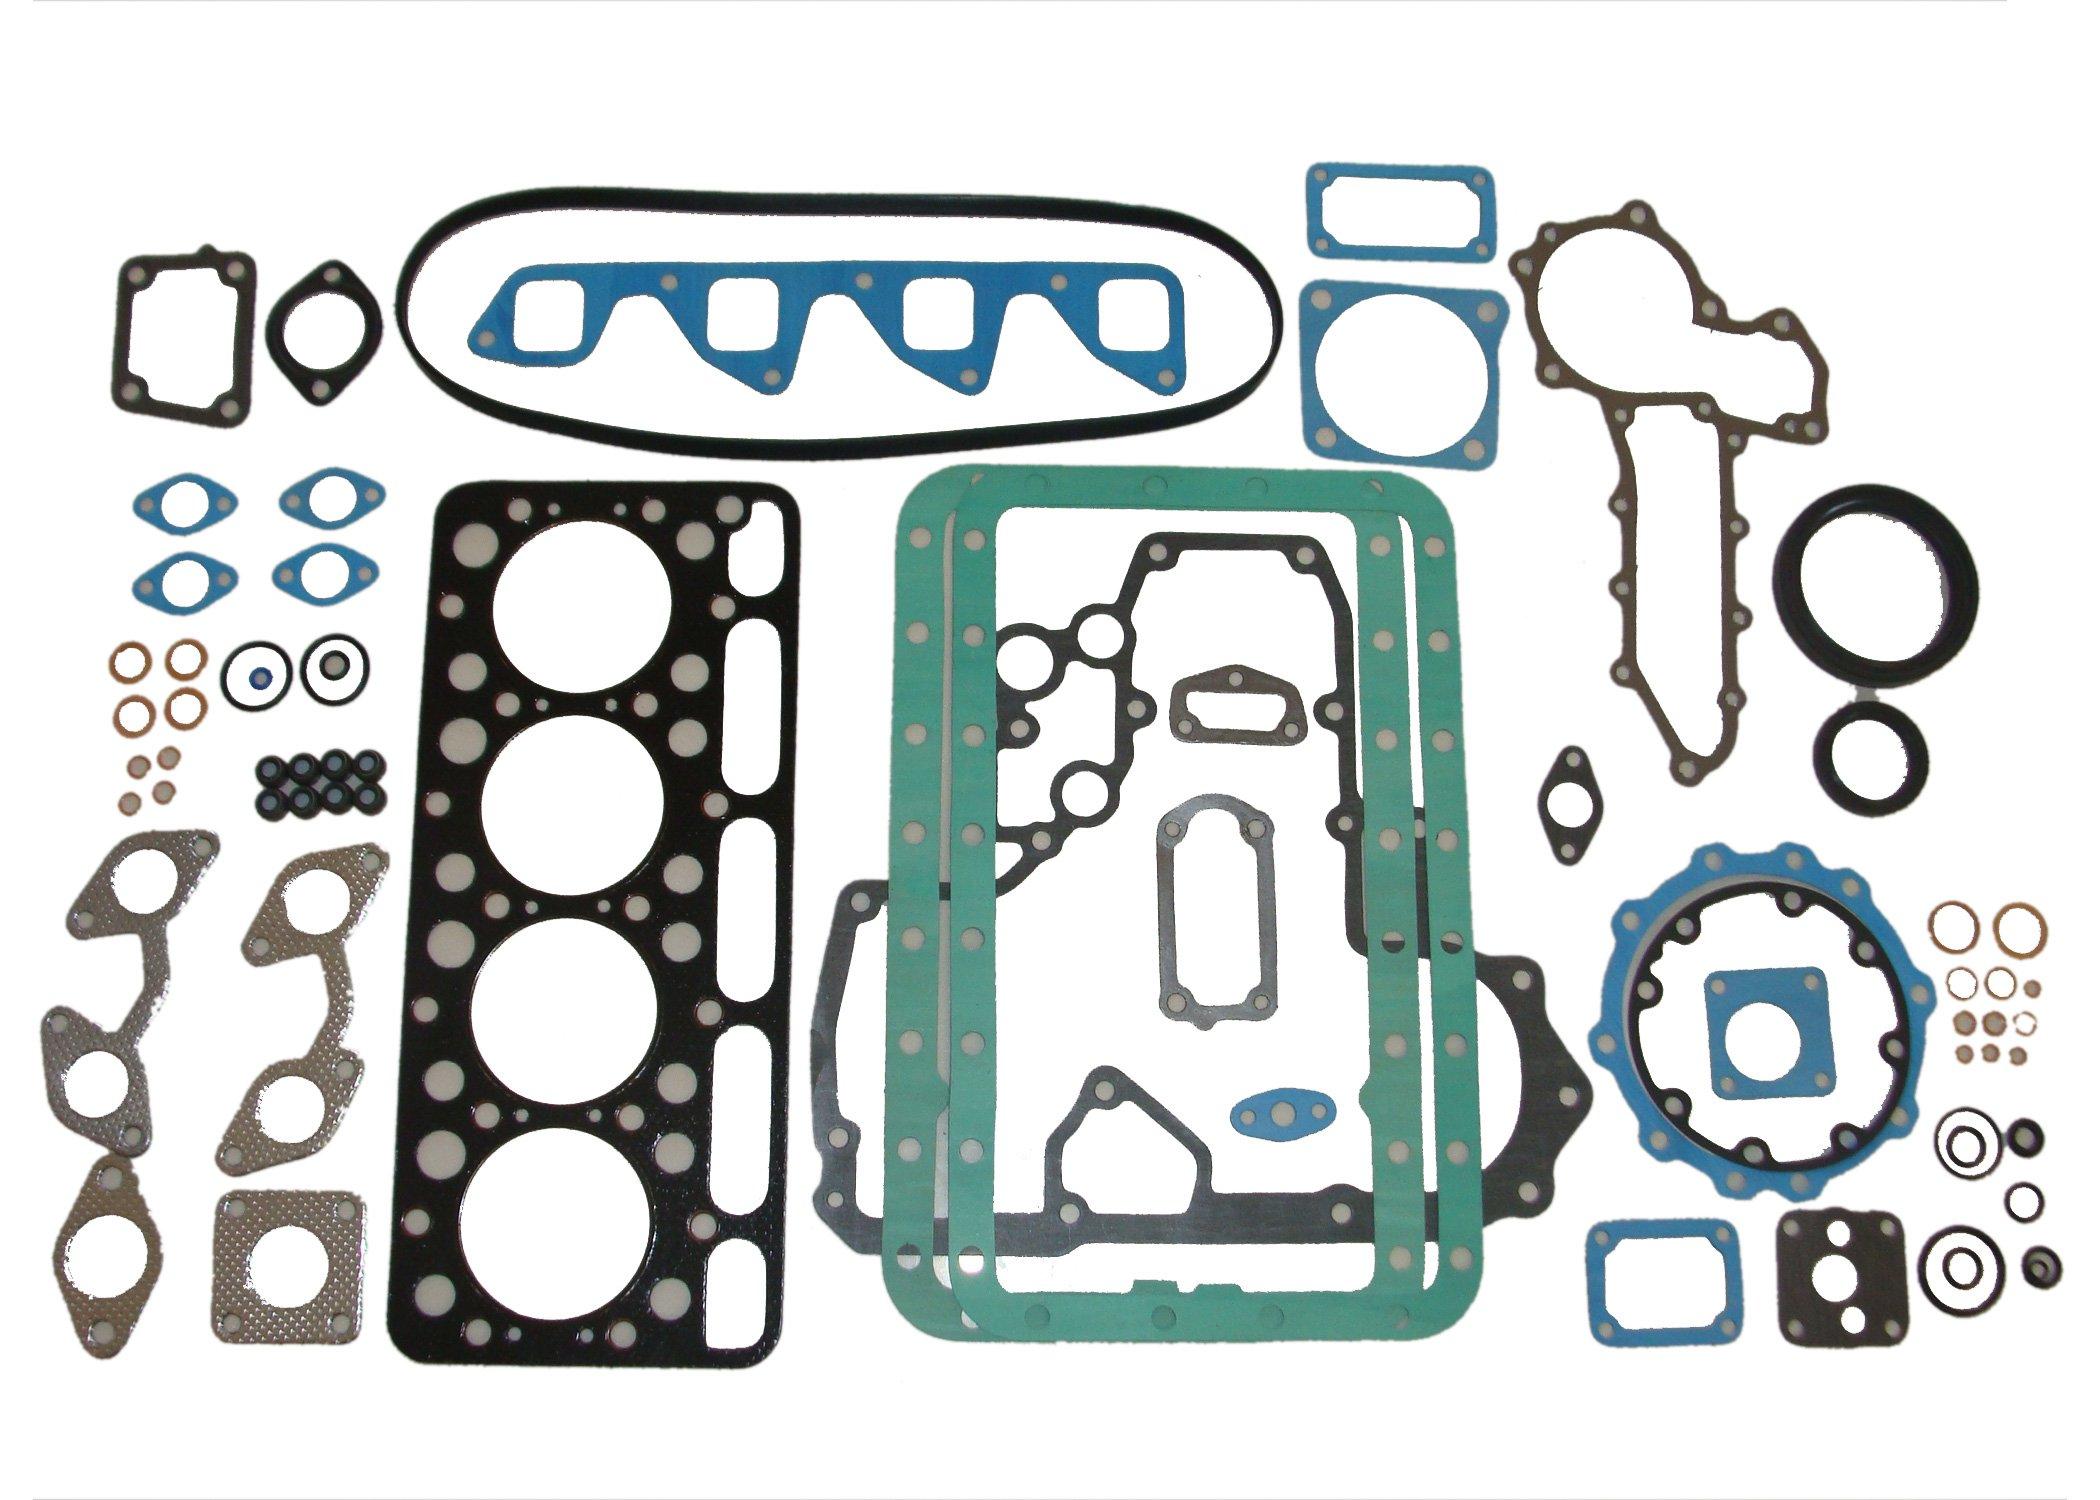 New Kubota V1702 Full Gasket Set by Kumar Bros USA